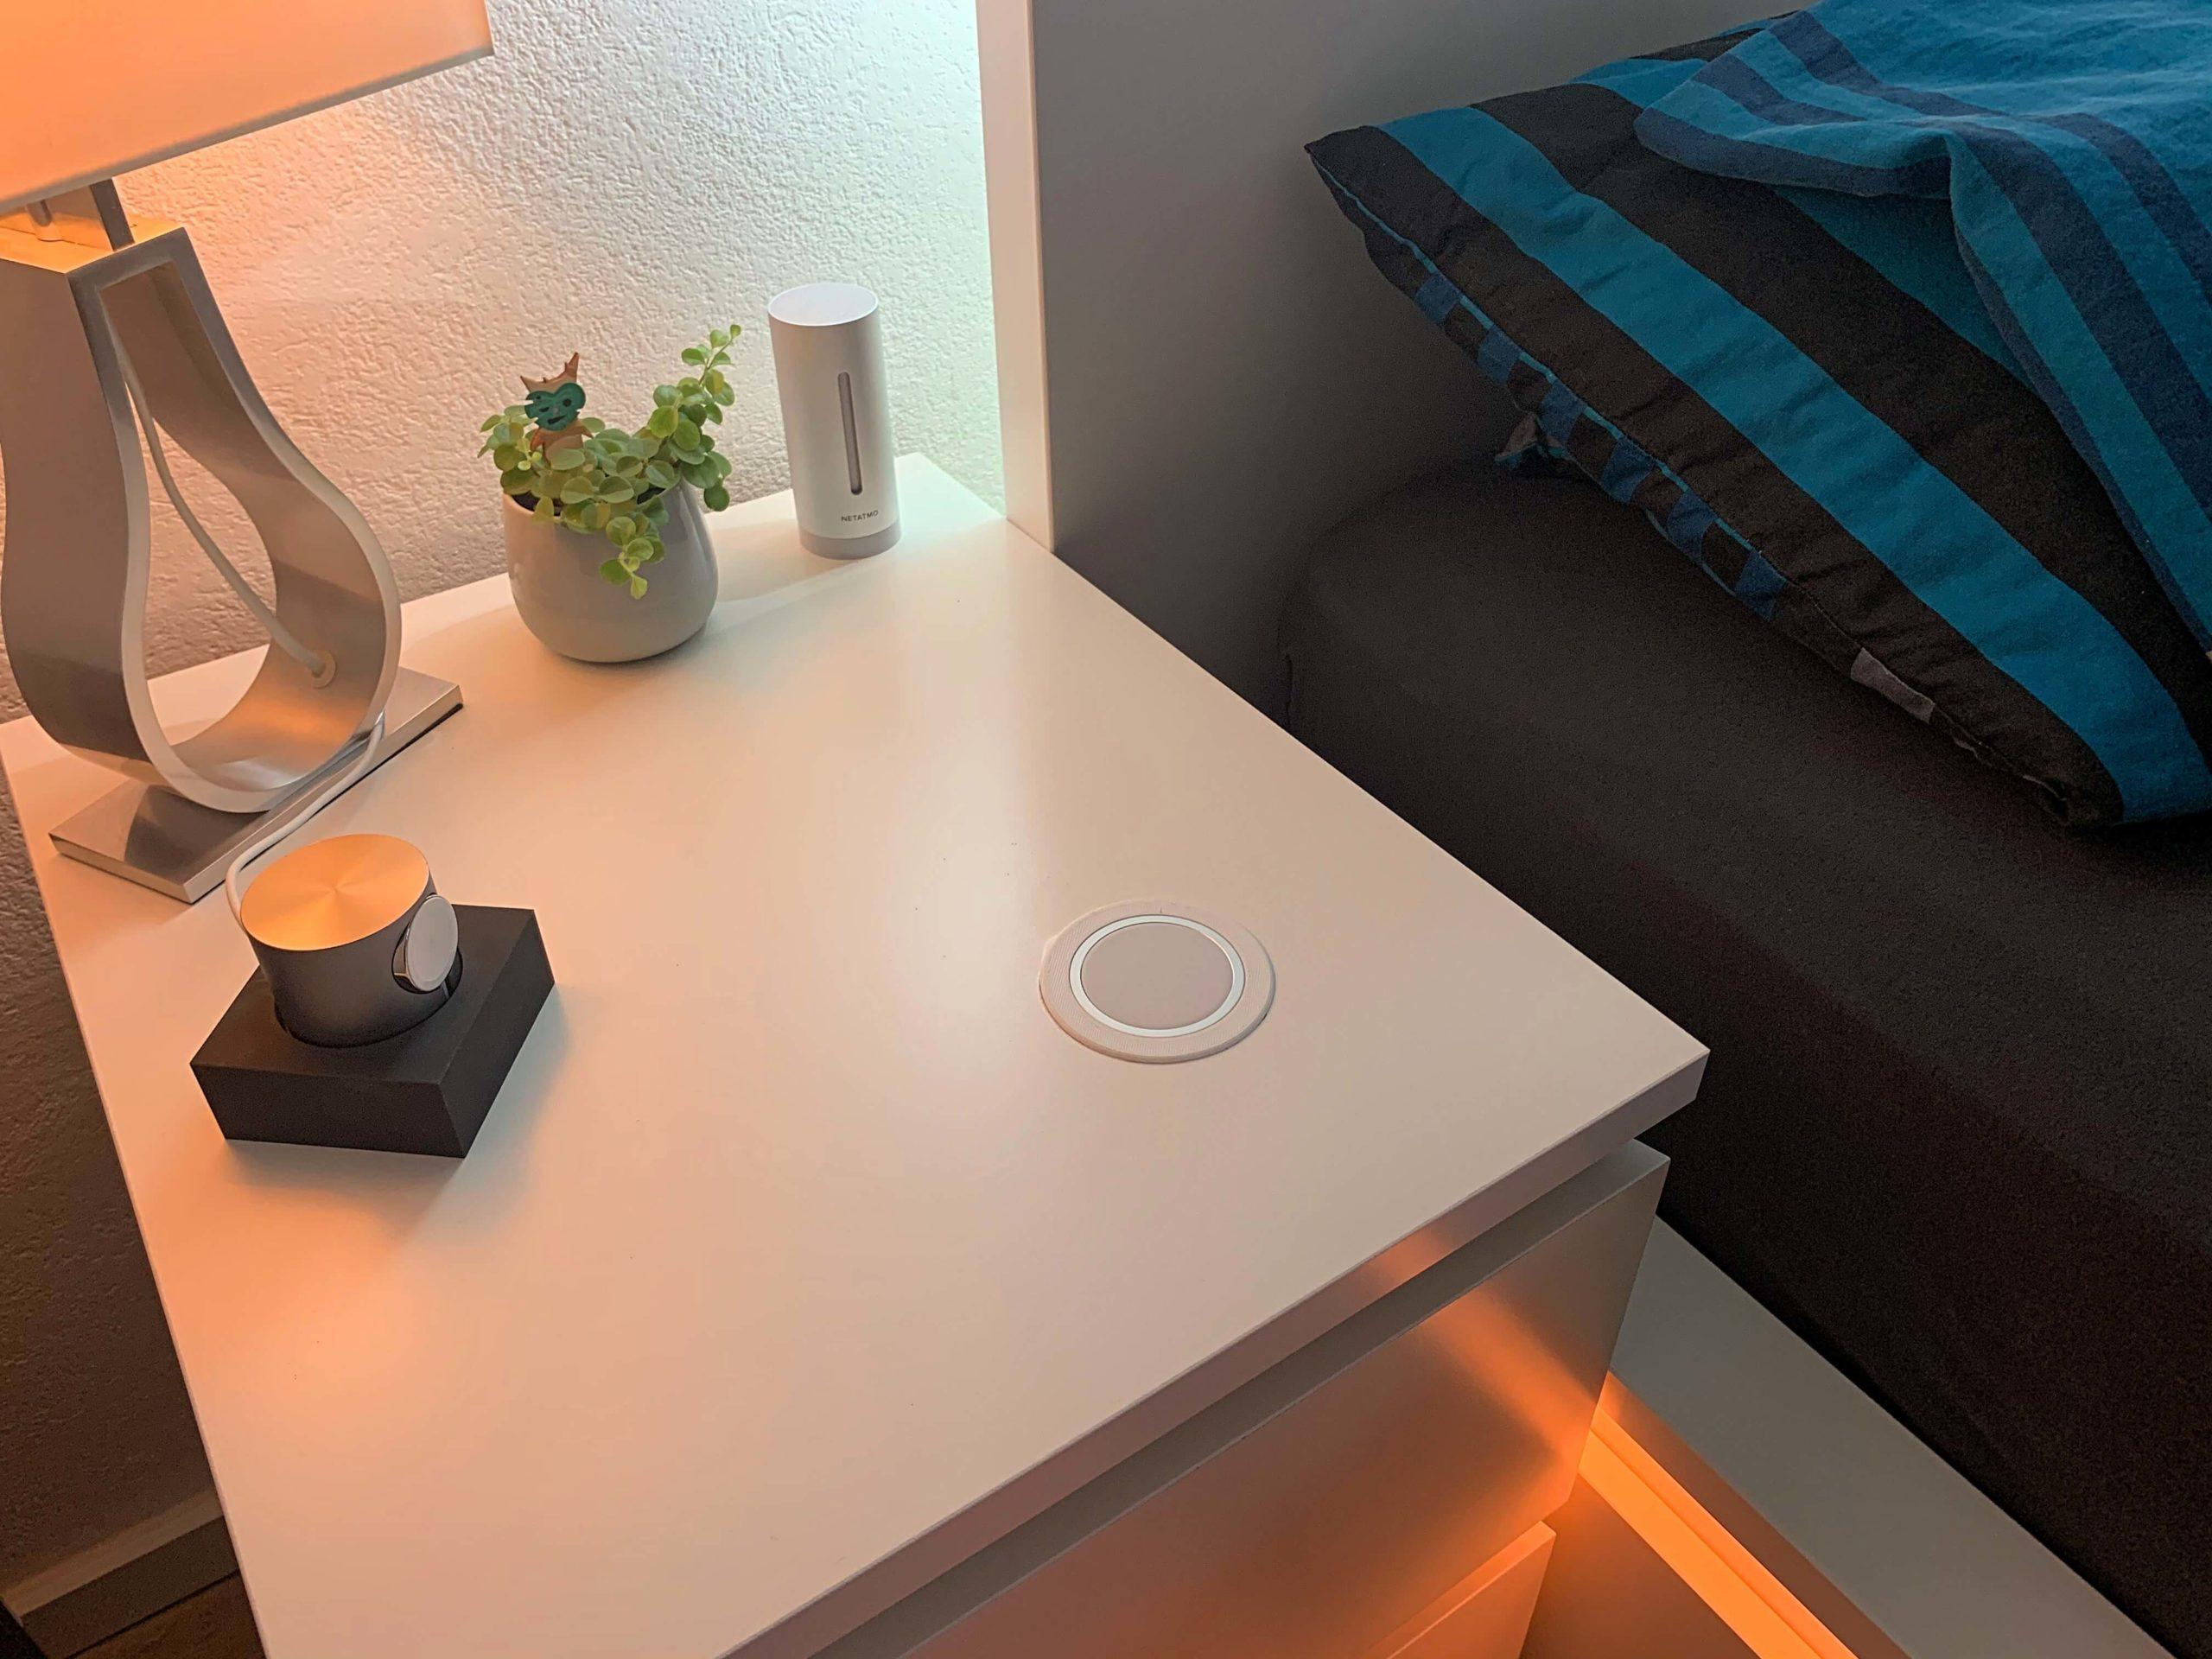 Anleitung-MagSafe-fuer-das-iPhone-in-Moebeloberflaechen-einbauen3-scaled Anleitung: MagSafe für das iPhone in Möbeloberflächen einbauen